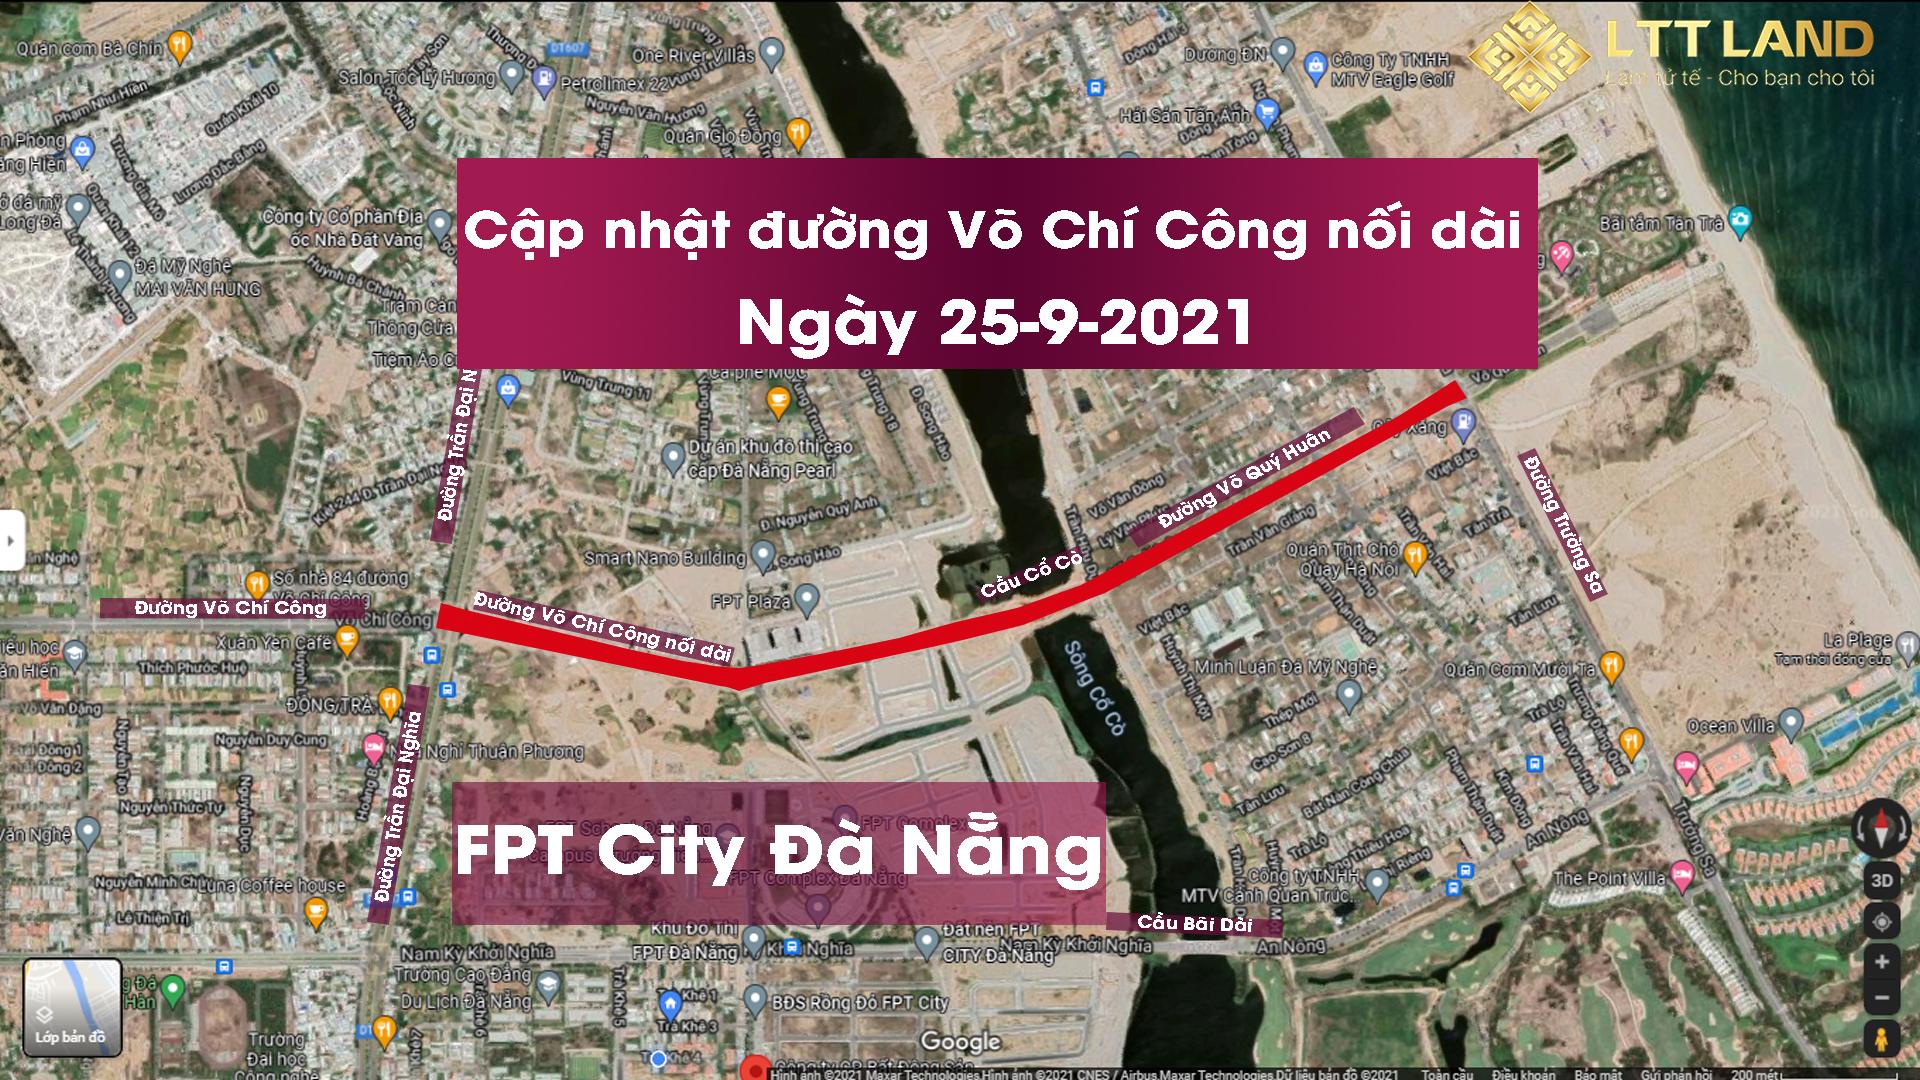 Cập nhật đường Võ Chí Công nối dài 25-9-2021